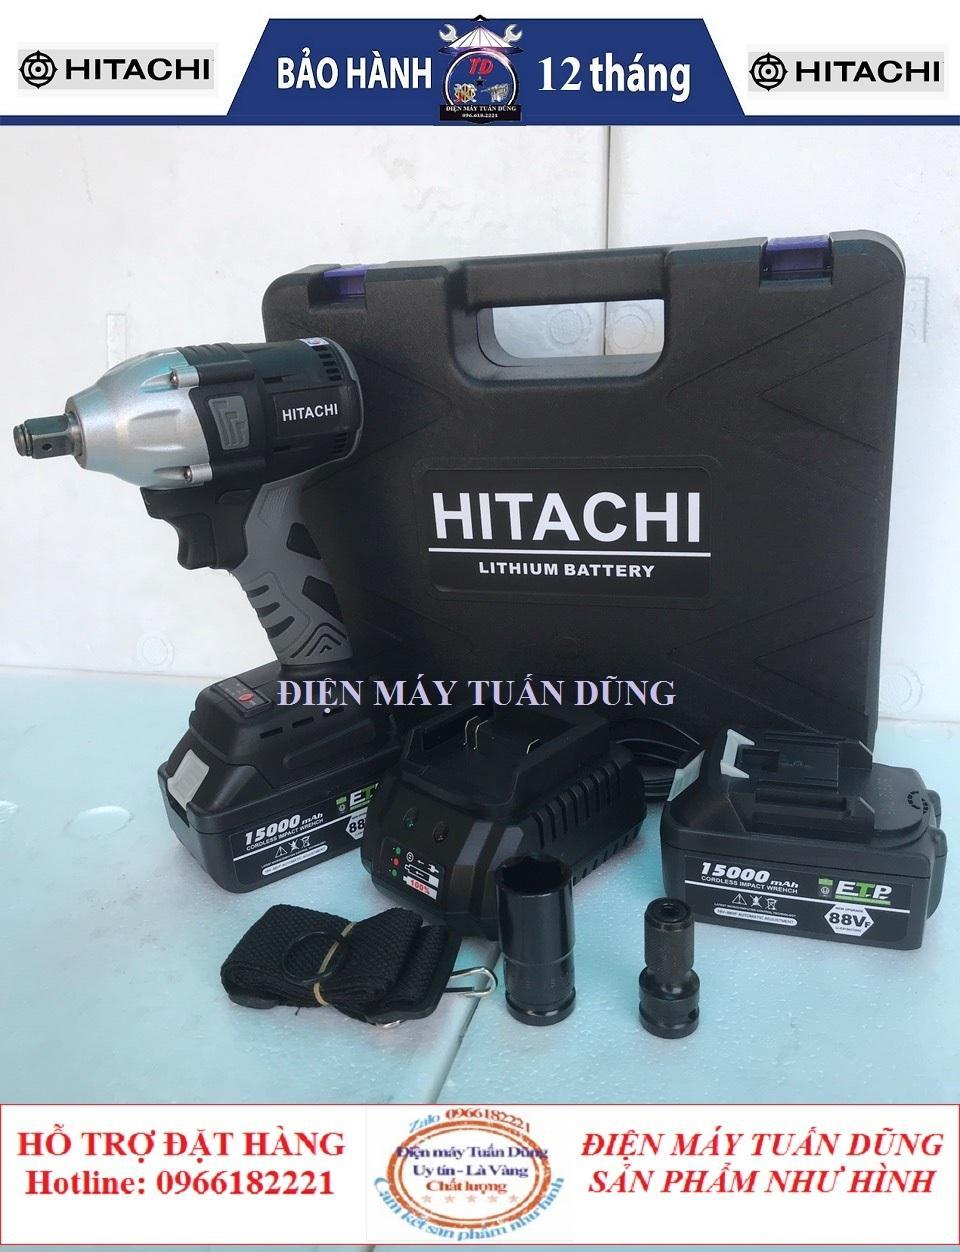 Máy siết bulong Hitachi 88V 2 Pin 15000 mAh - Tặng kèm bộ phụ kiện - 1 đầu siết bulong - 1 đầu chuyển vít